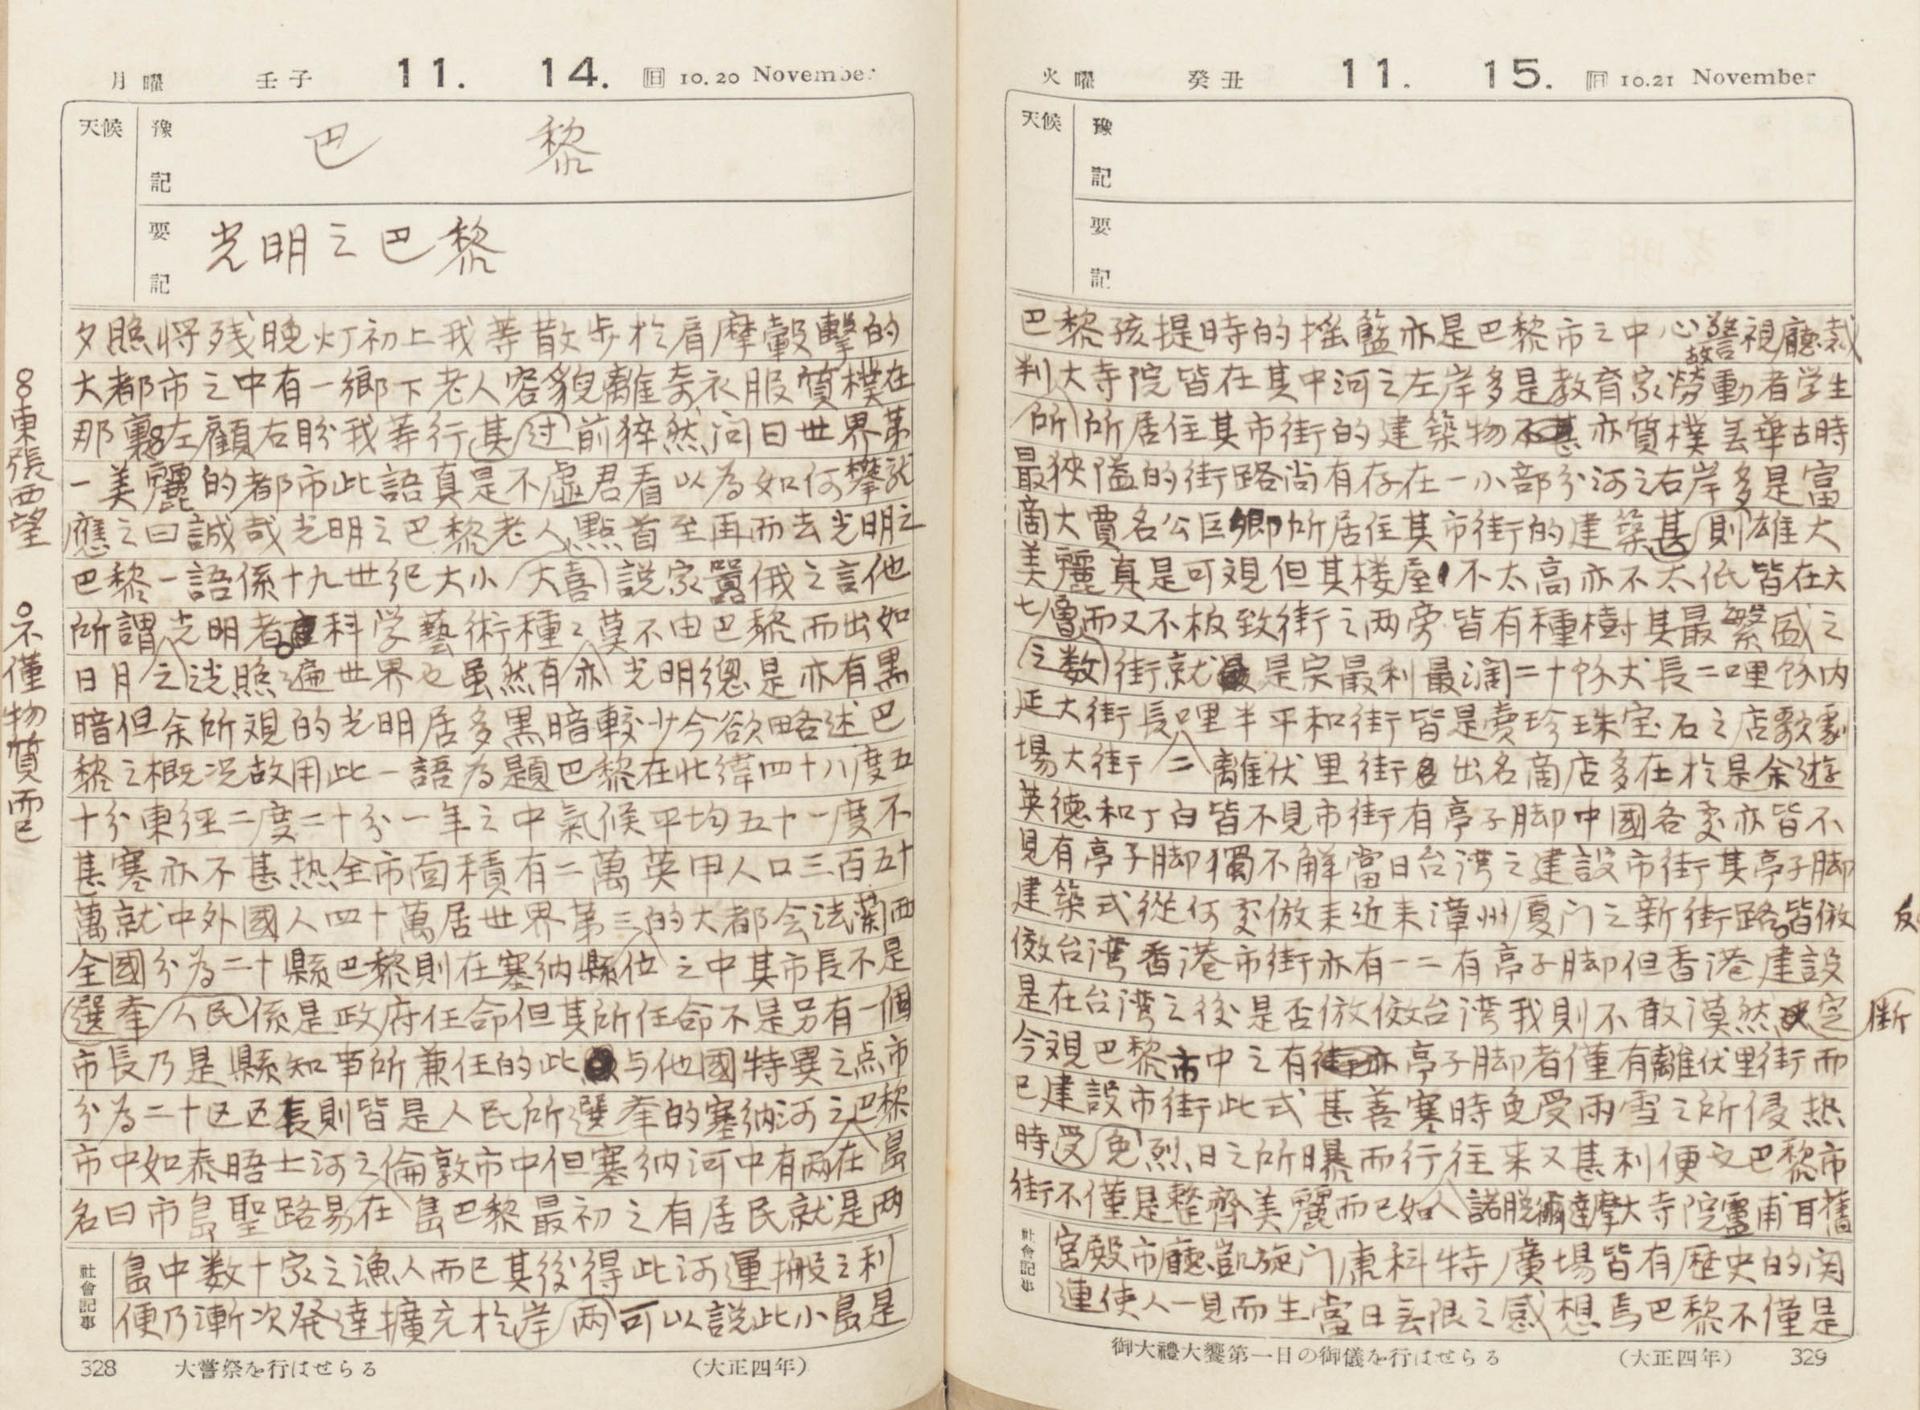 1927 年 11 月 14 日灌園先生日記,紀錄林獻堂父子三人抵達「光明之巴黎」。圖片來源│灌園先生日記,中研院臺史所檔案館數位典藏